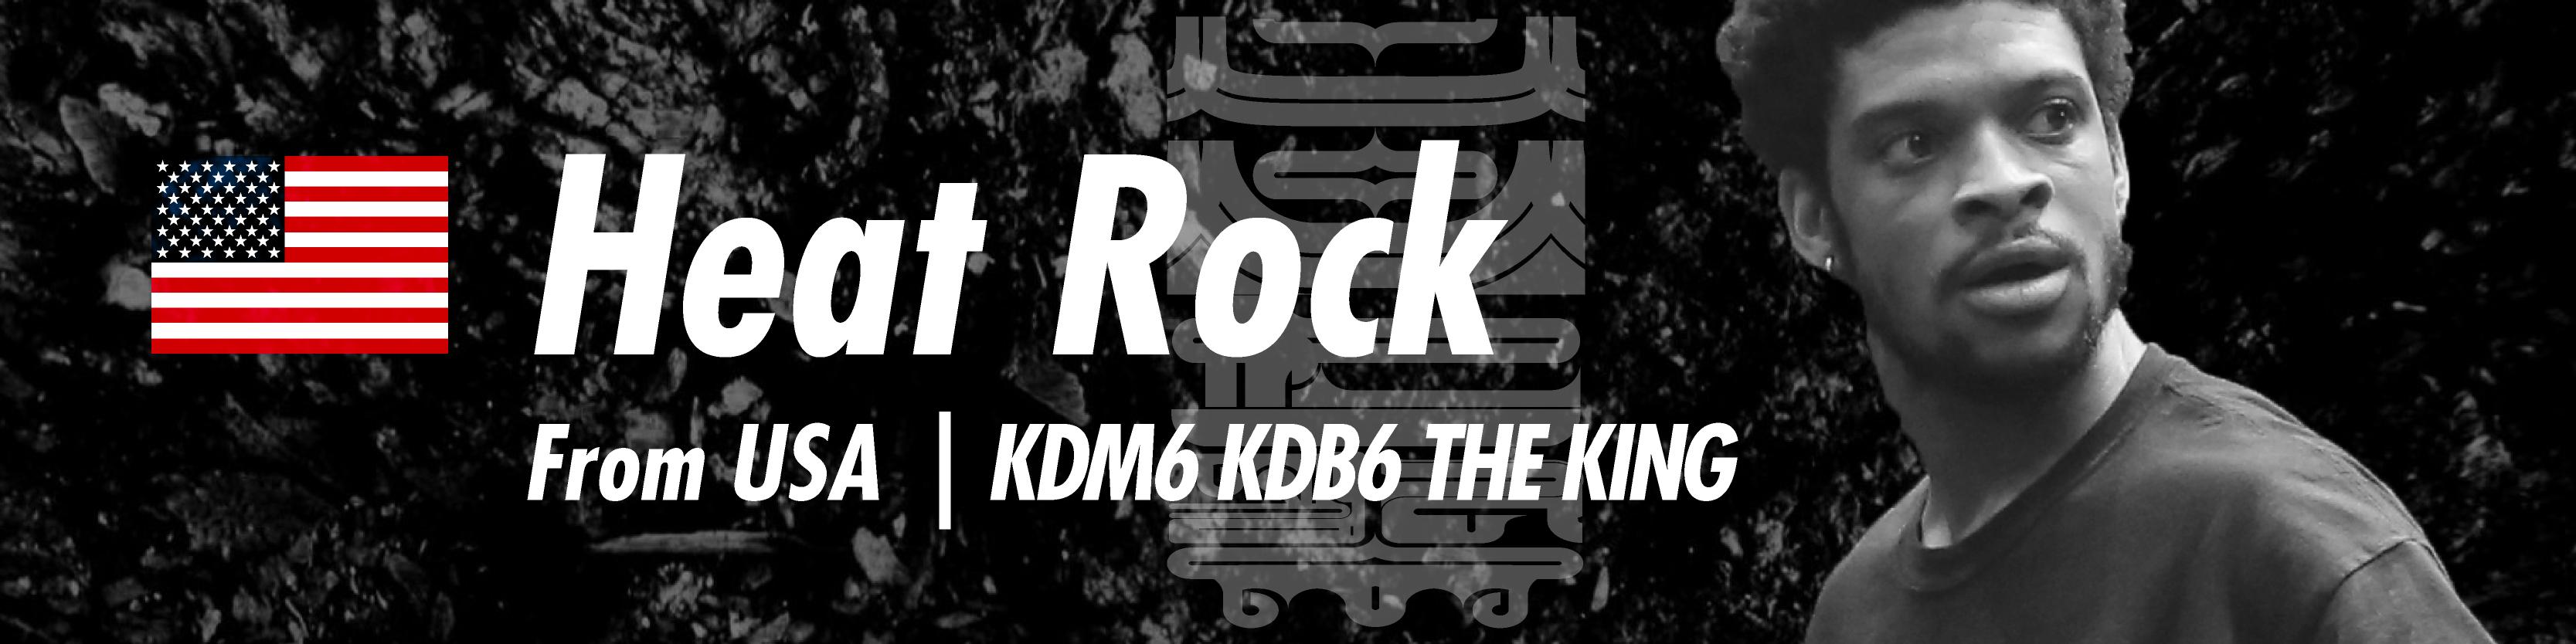 03_Heat Rock_Heat Rock